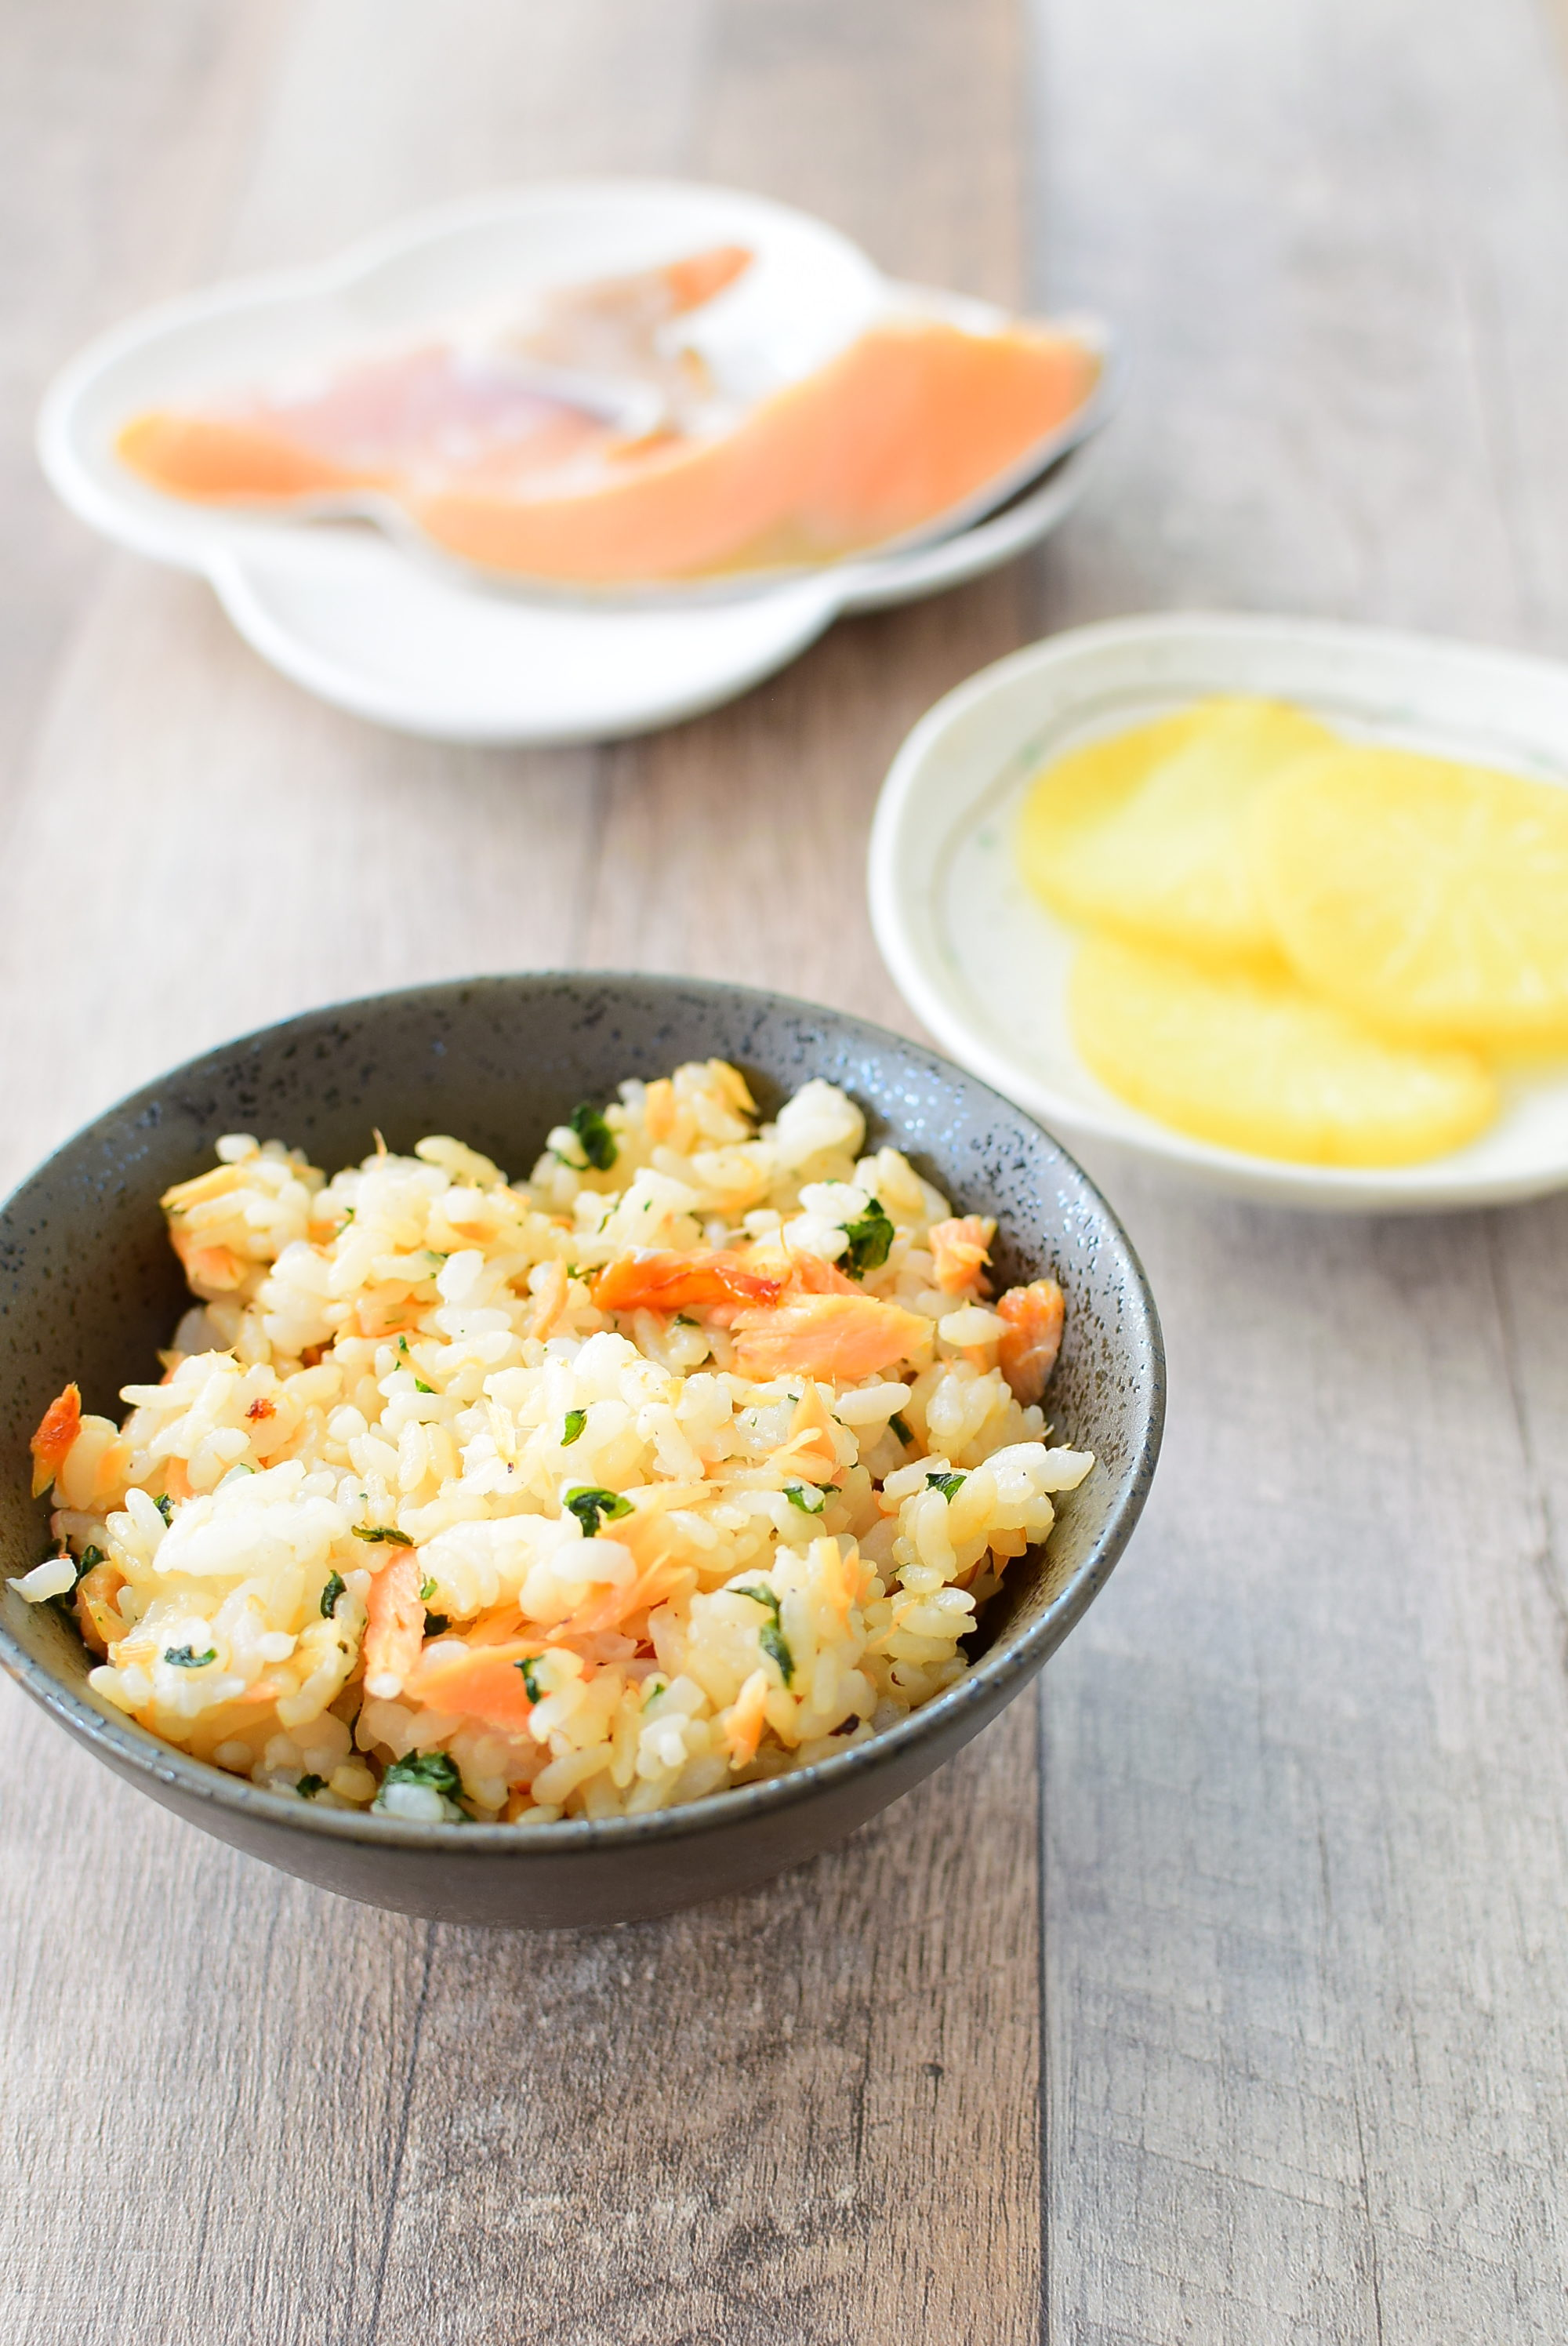 味付けは醤油だけ!鮭と大葉の混ぜご飯のレシピの写真